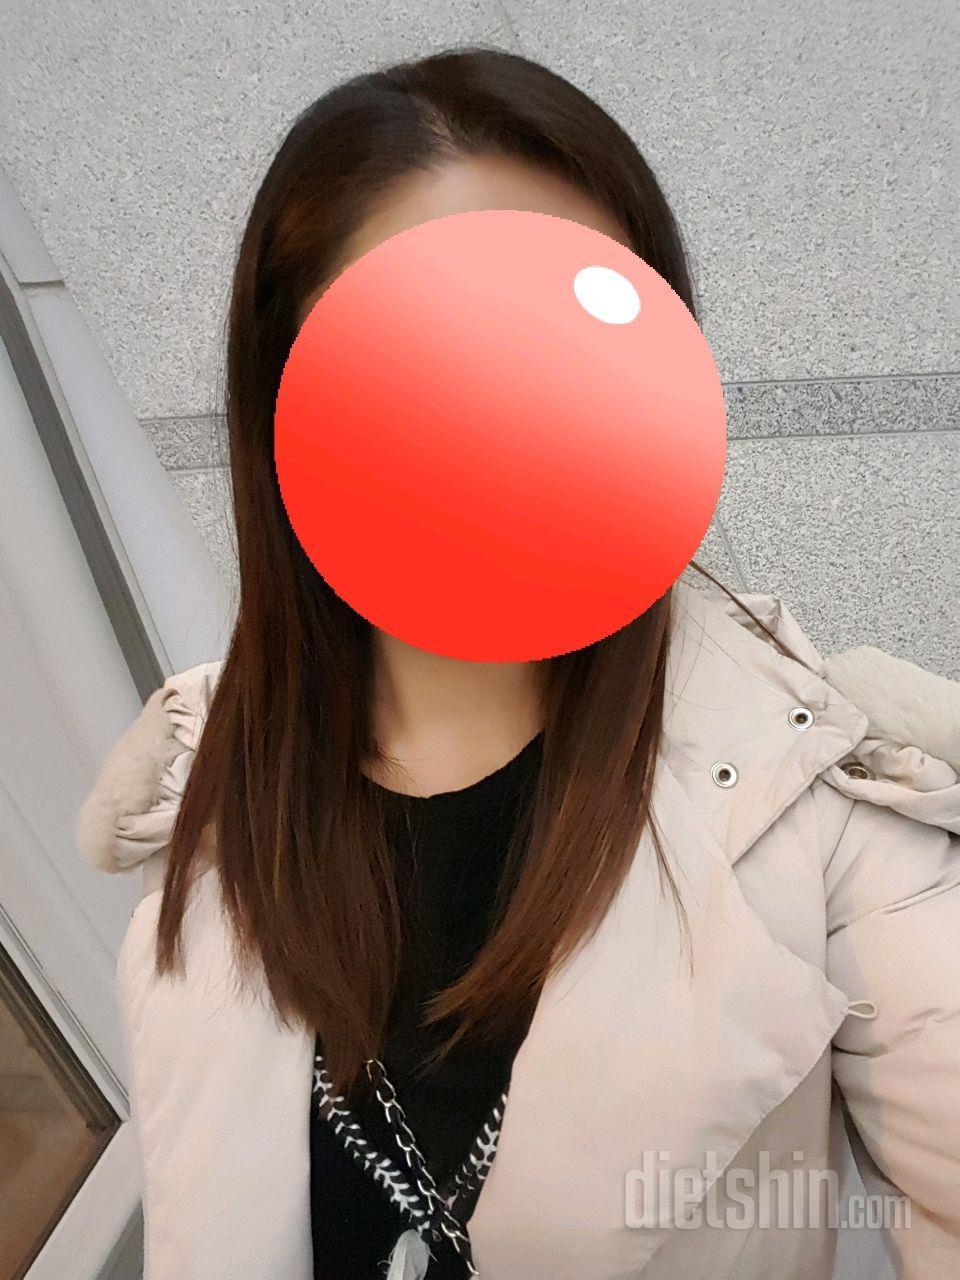 [다신 9기 4주차별 미션] 등록 완료